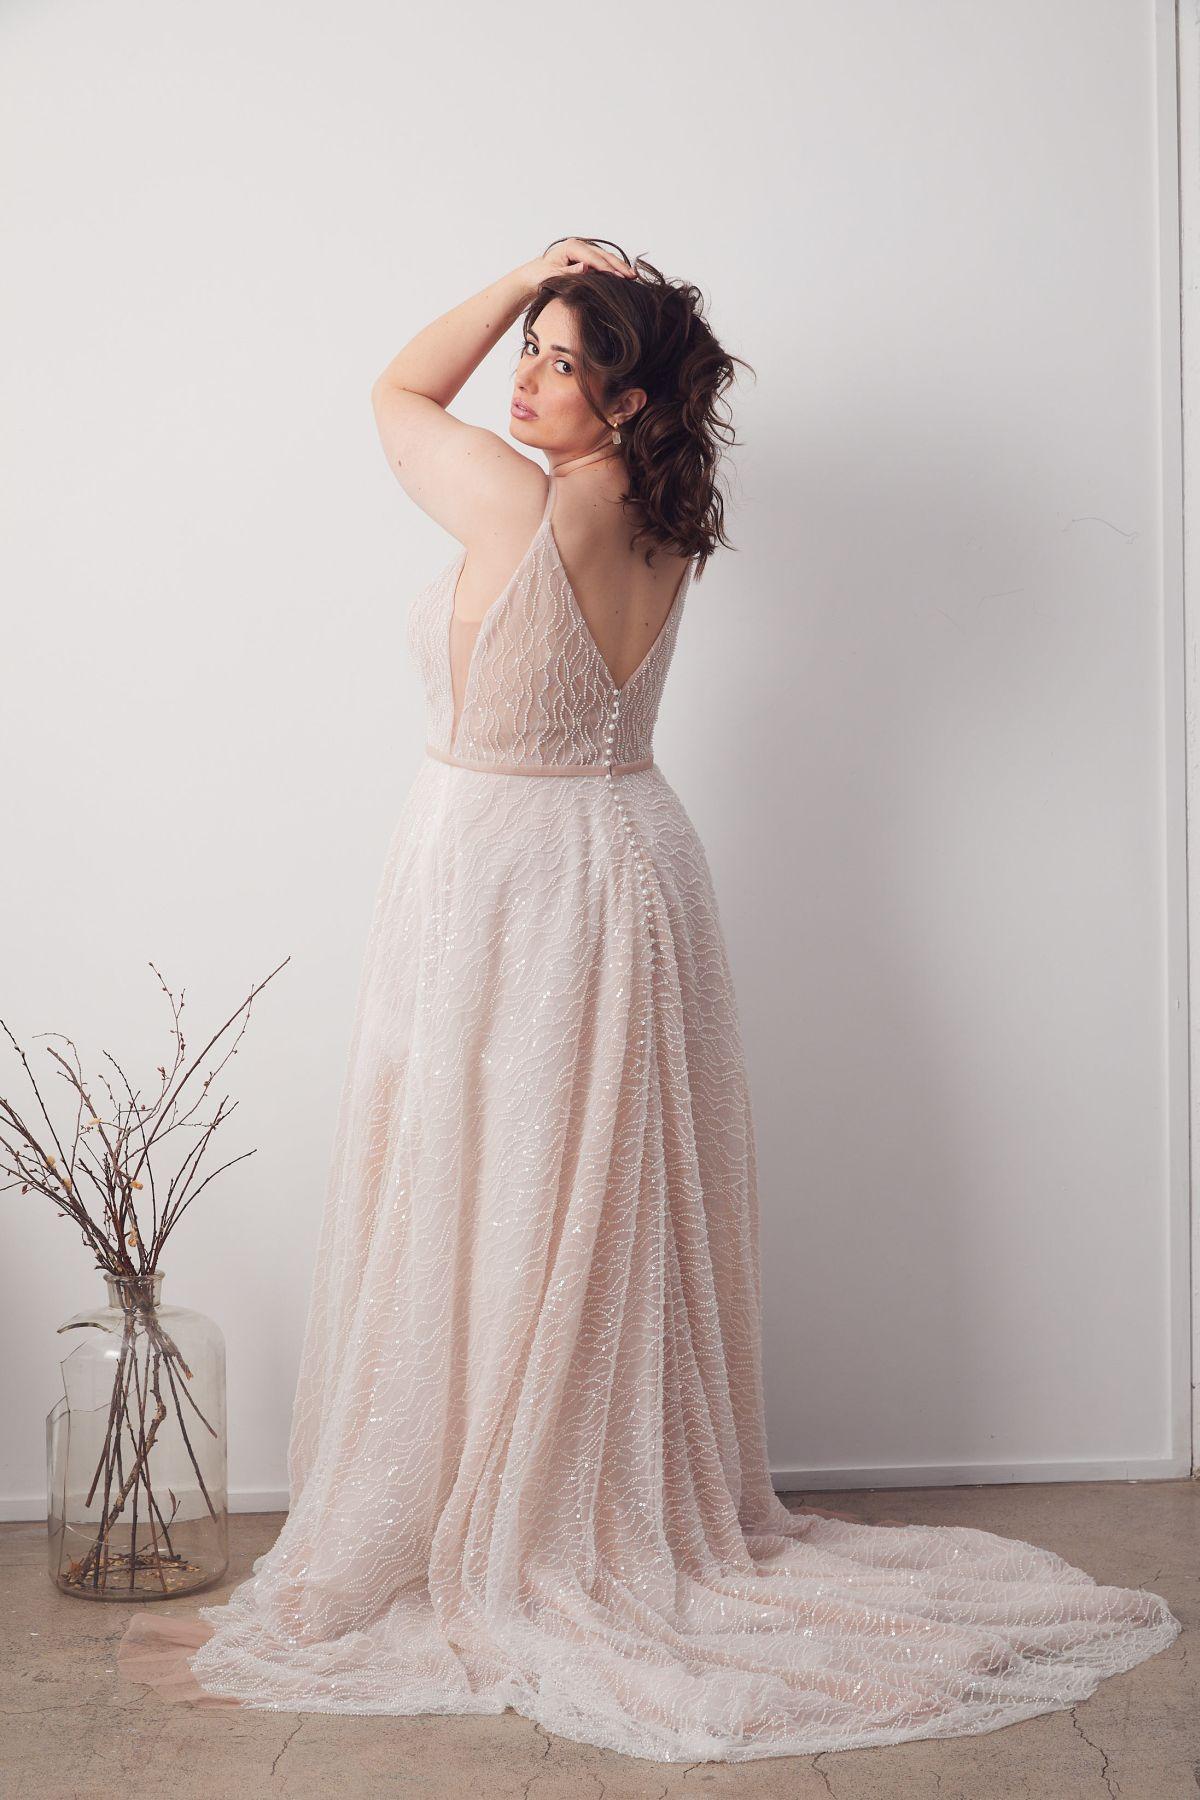 Laurent Blush Curve Wedding Gown _06 1376